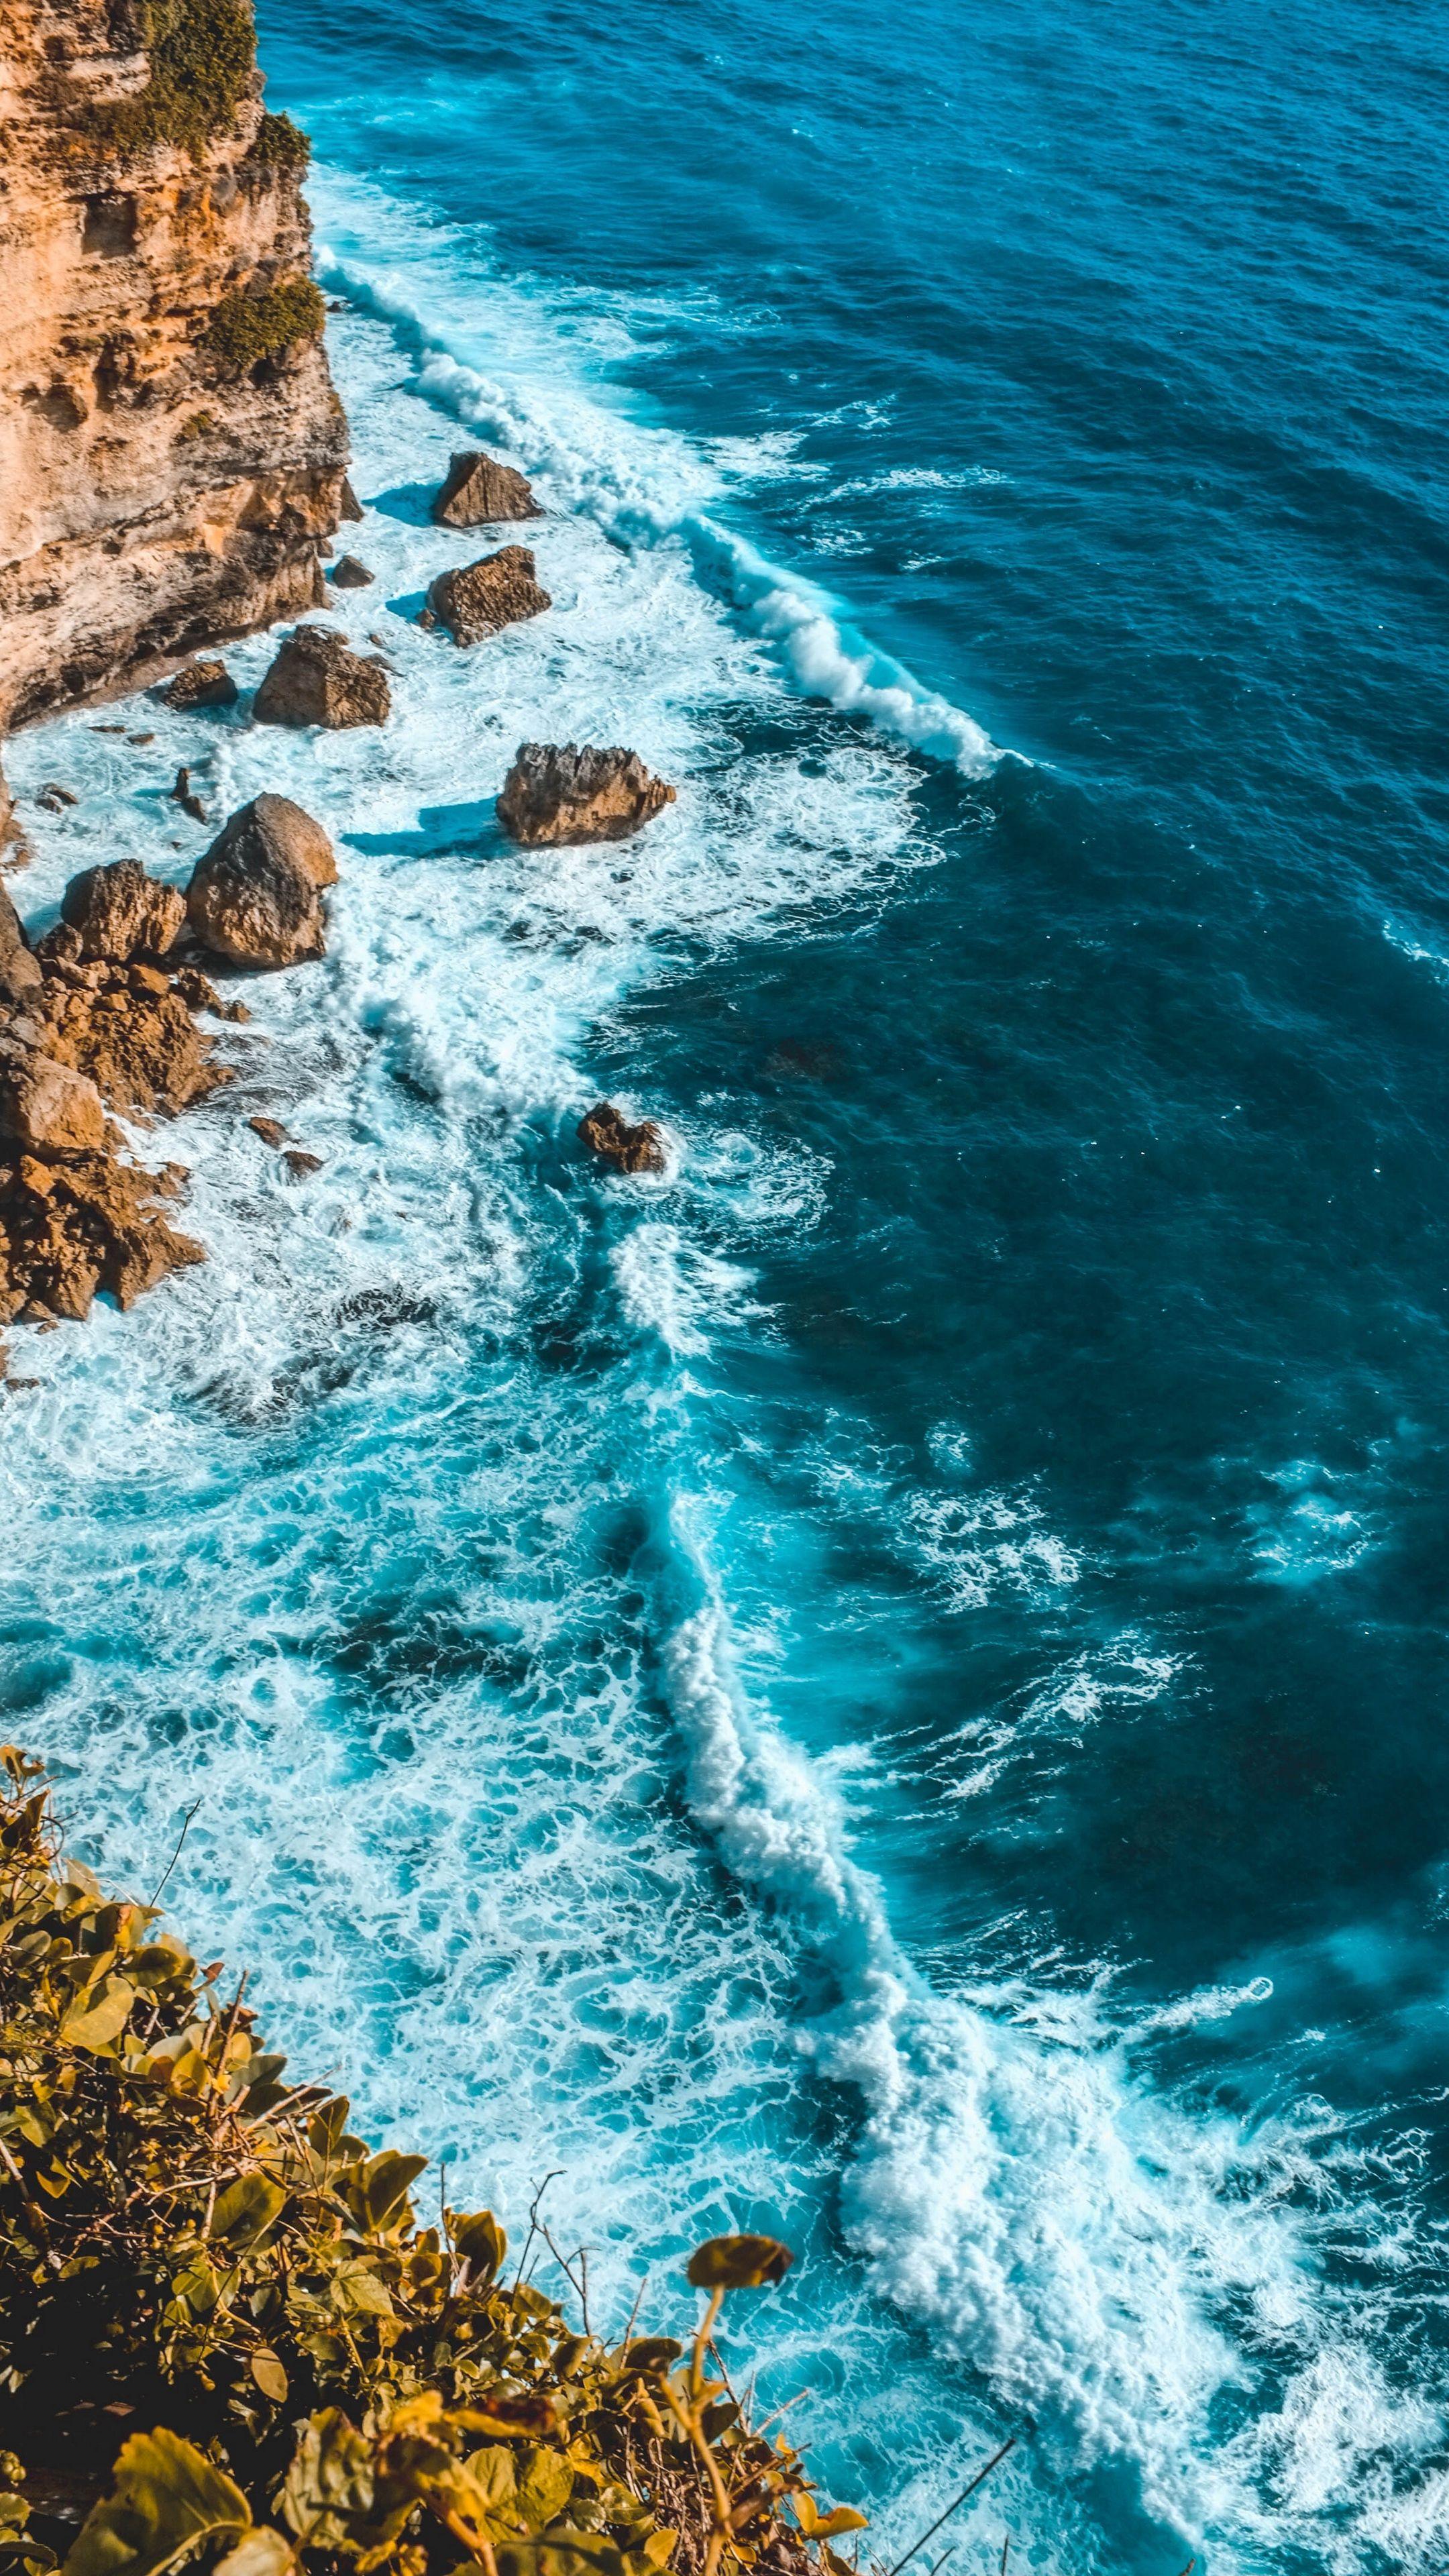 Обои волны. Пейзажи foto 7